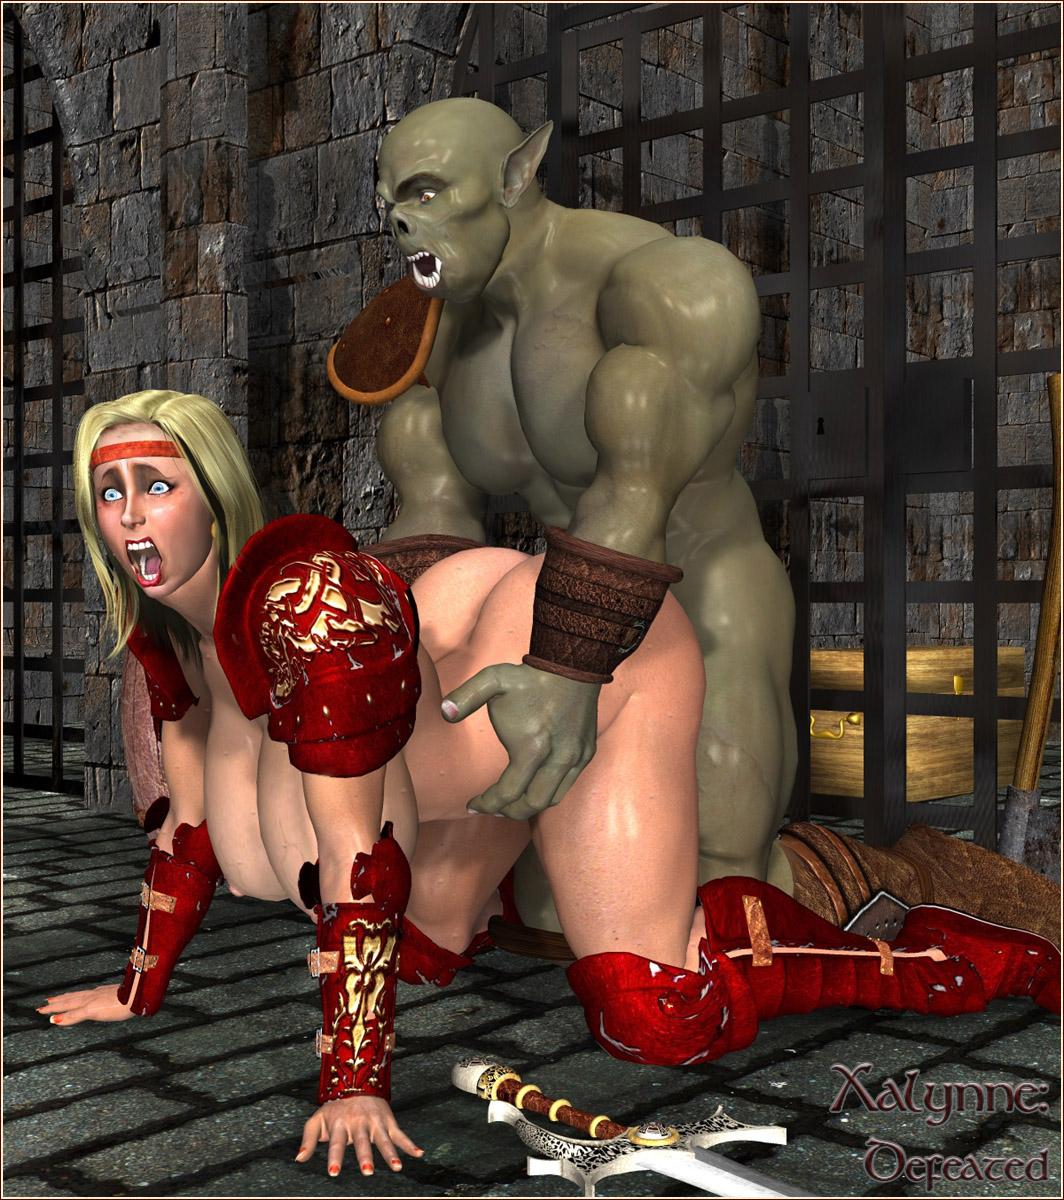 smotret-zhestkoe-porno-s-monstrami